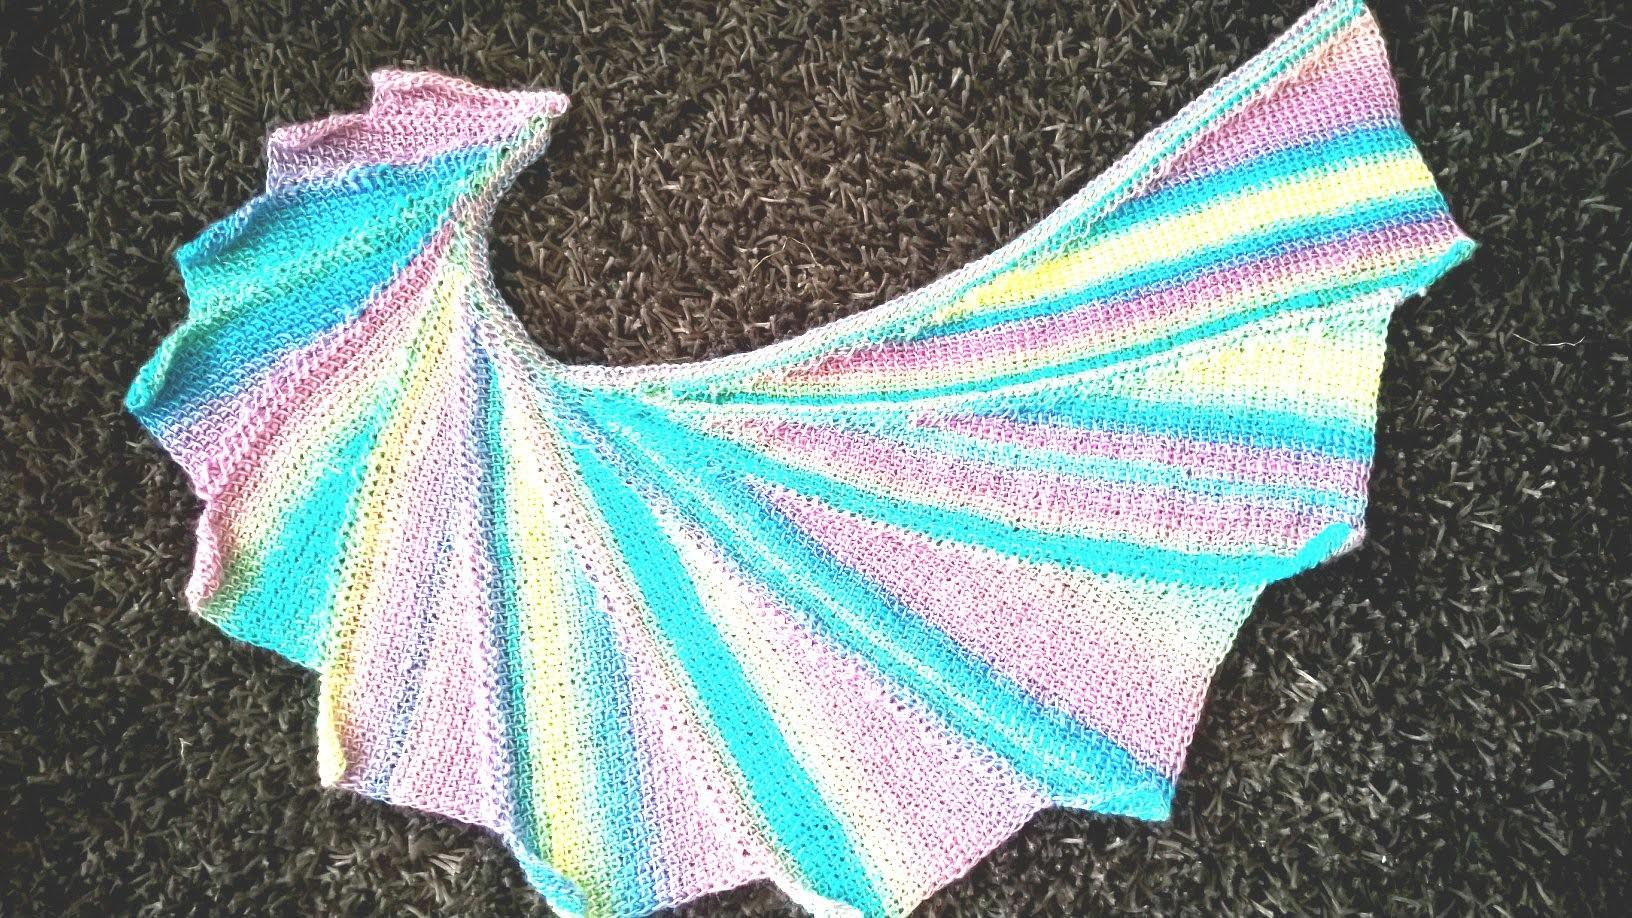 Sciarpa wingspan con l'uncinetto tunisino